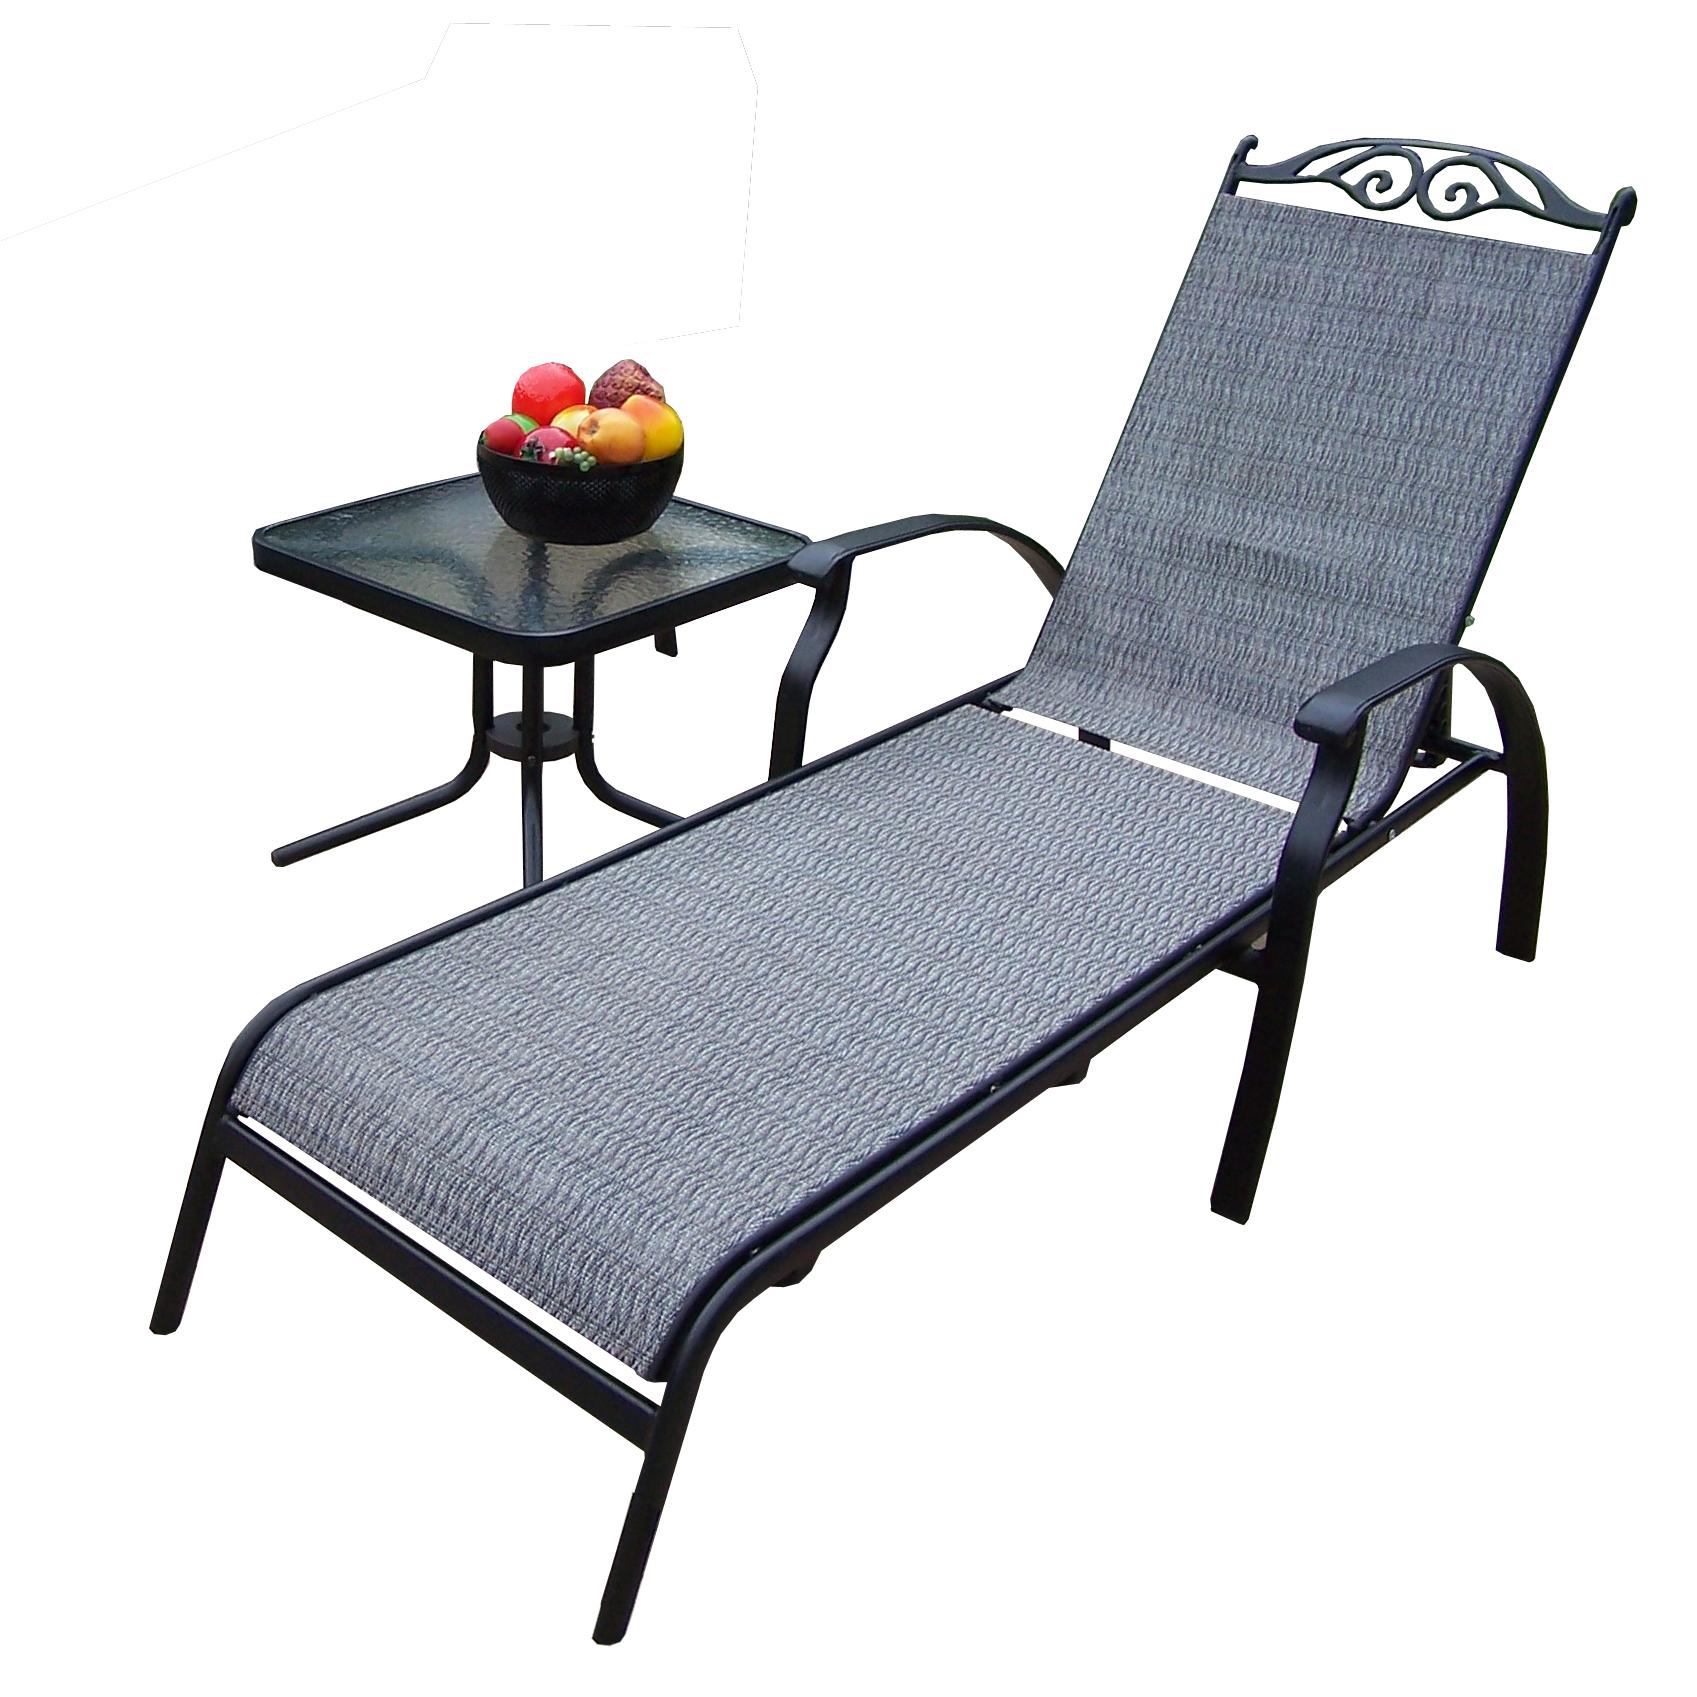 sling chaise lounge chair design for bedroom oakland living aluminum framed set w